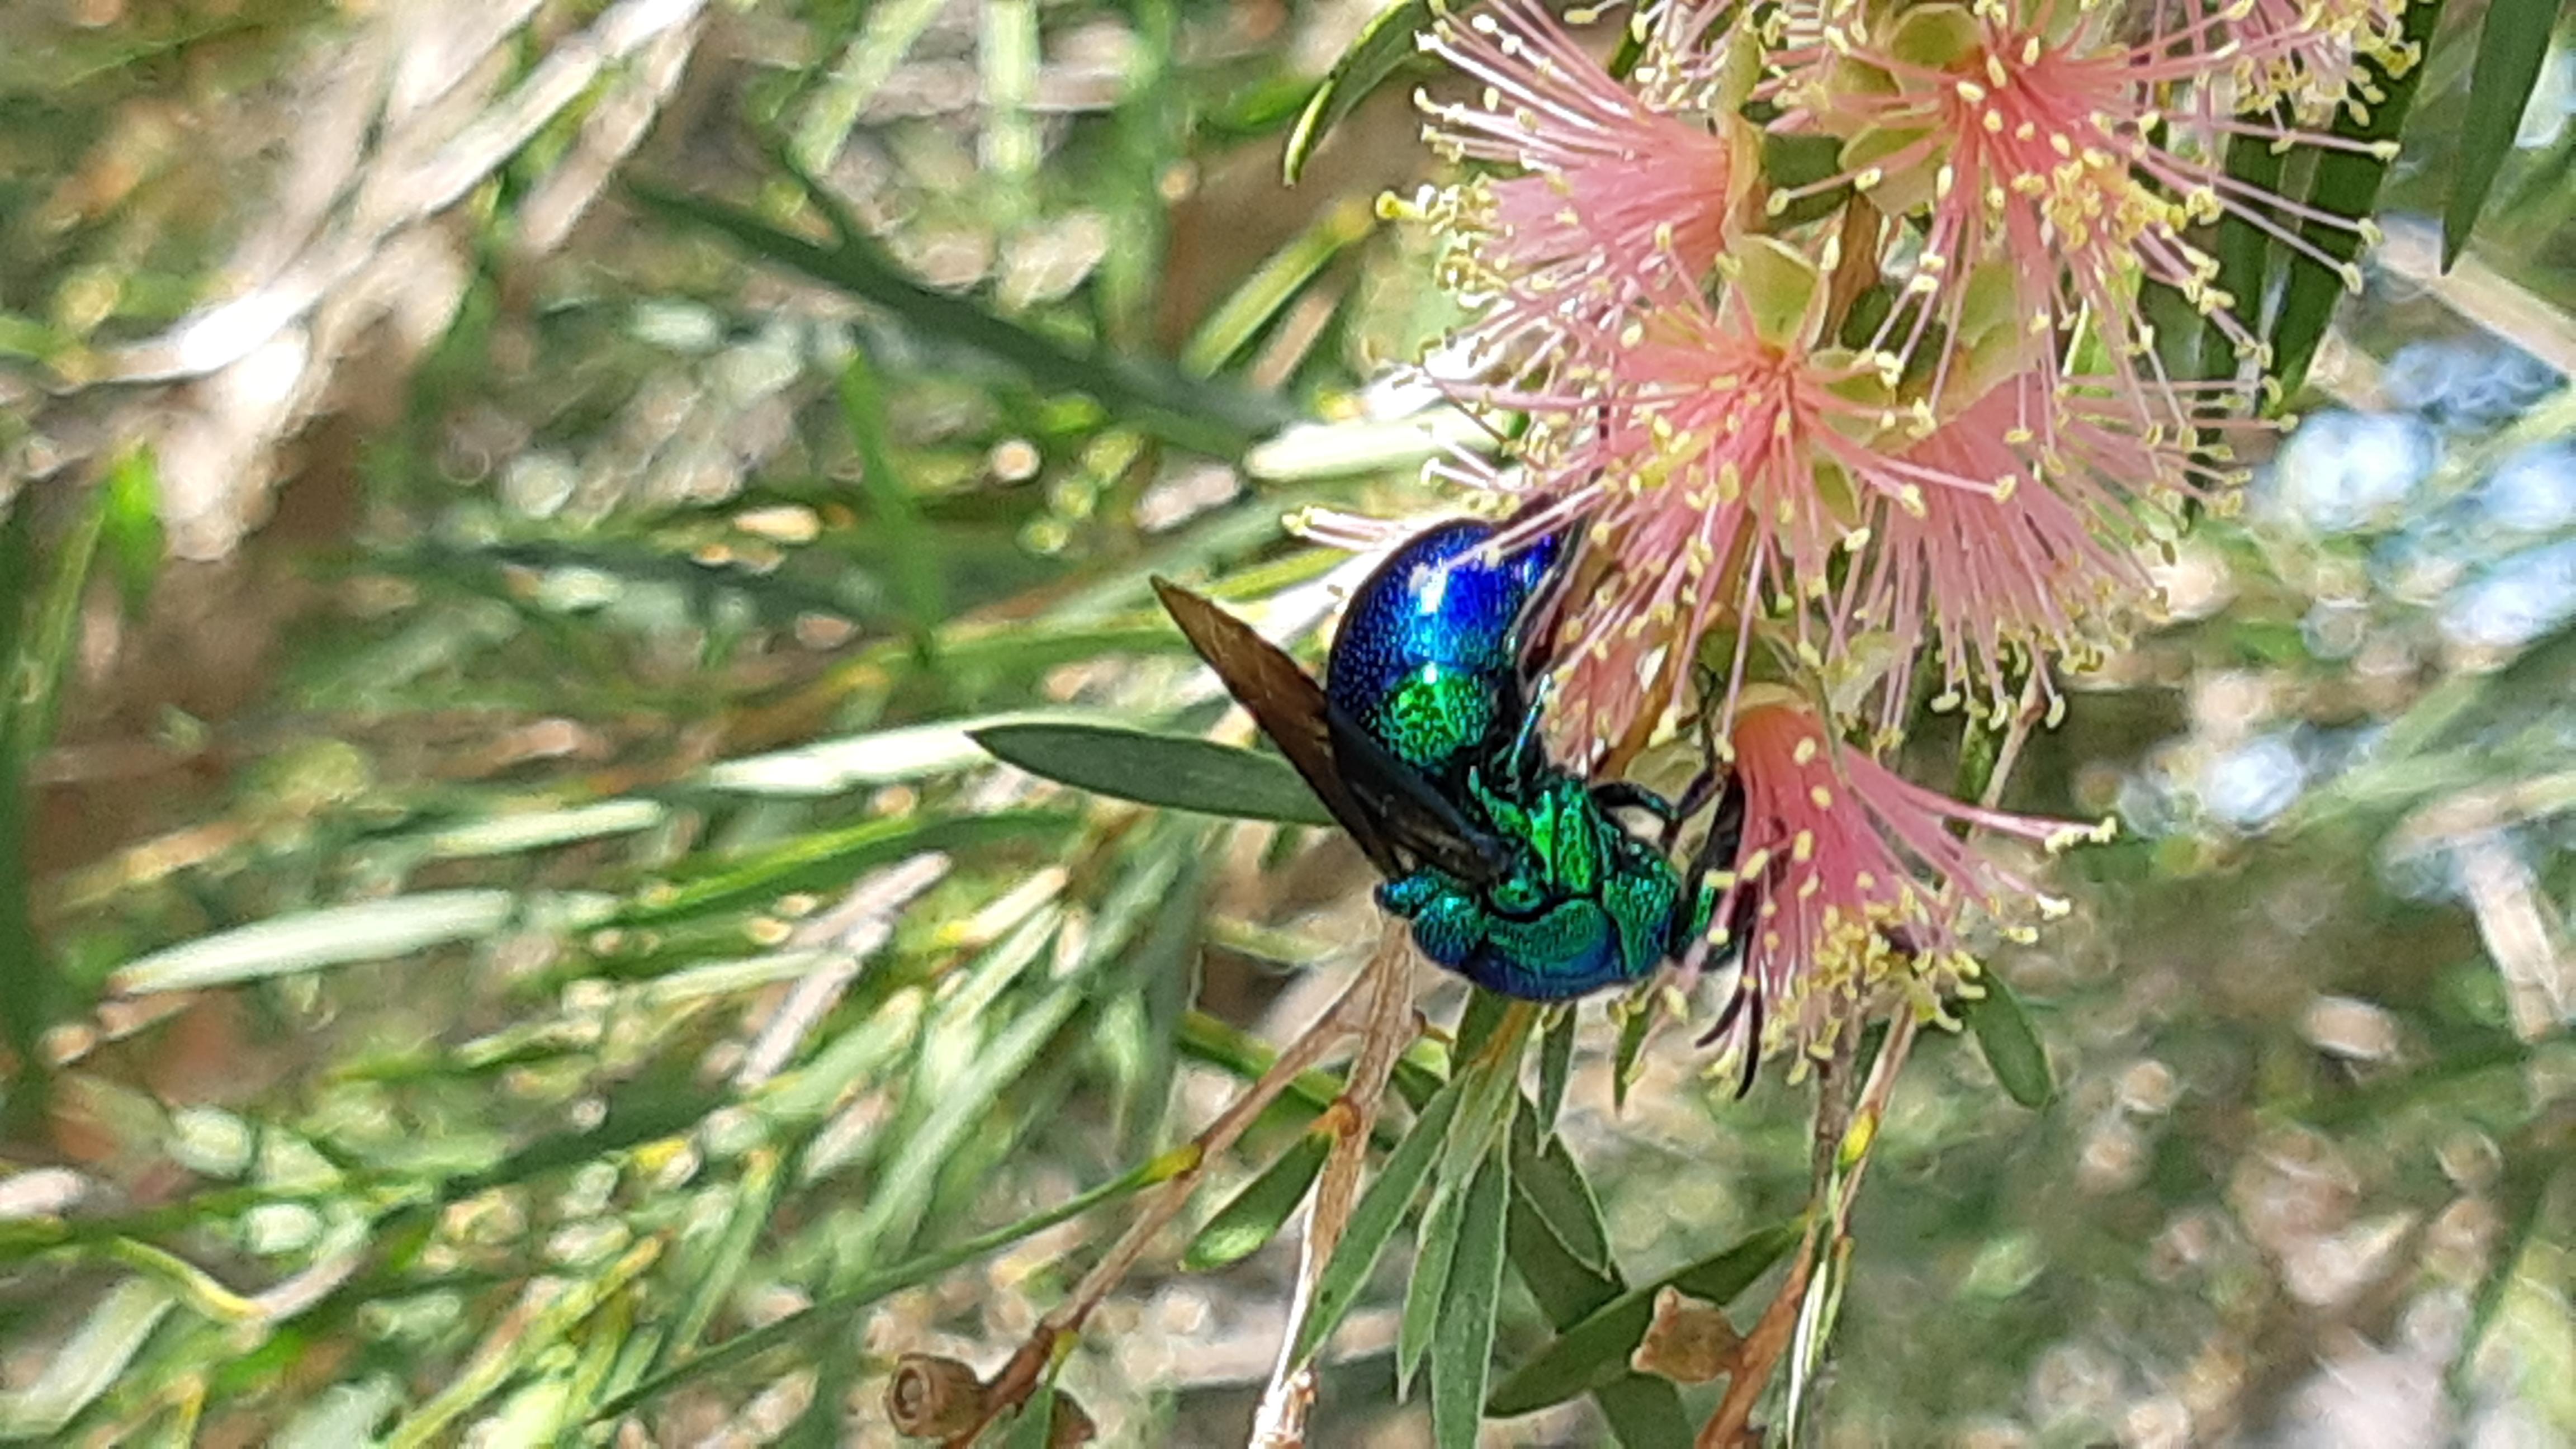 Cuckoo Wasp on Calistamen